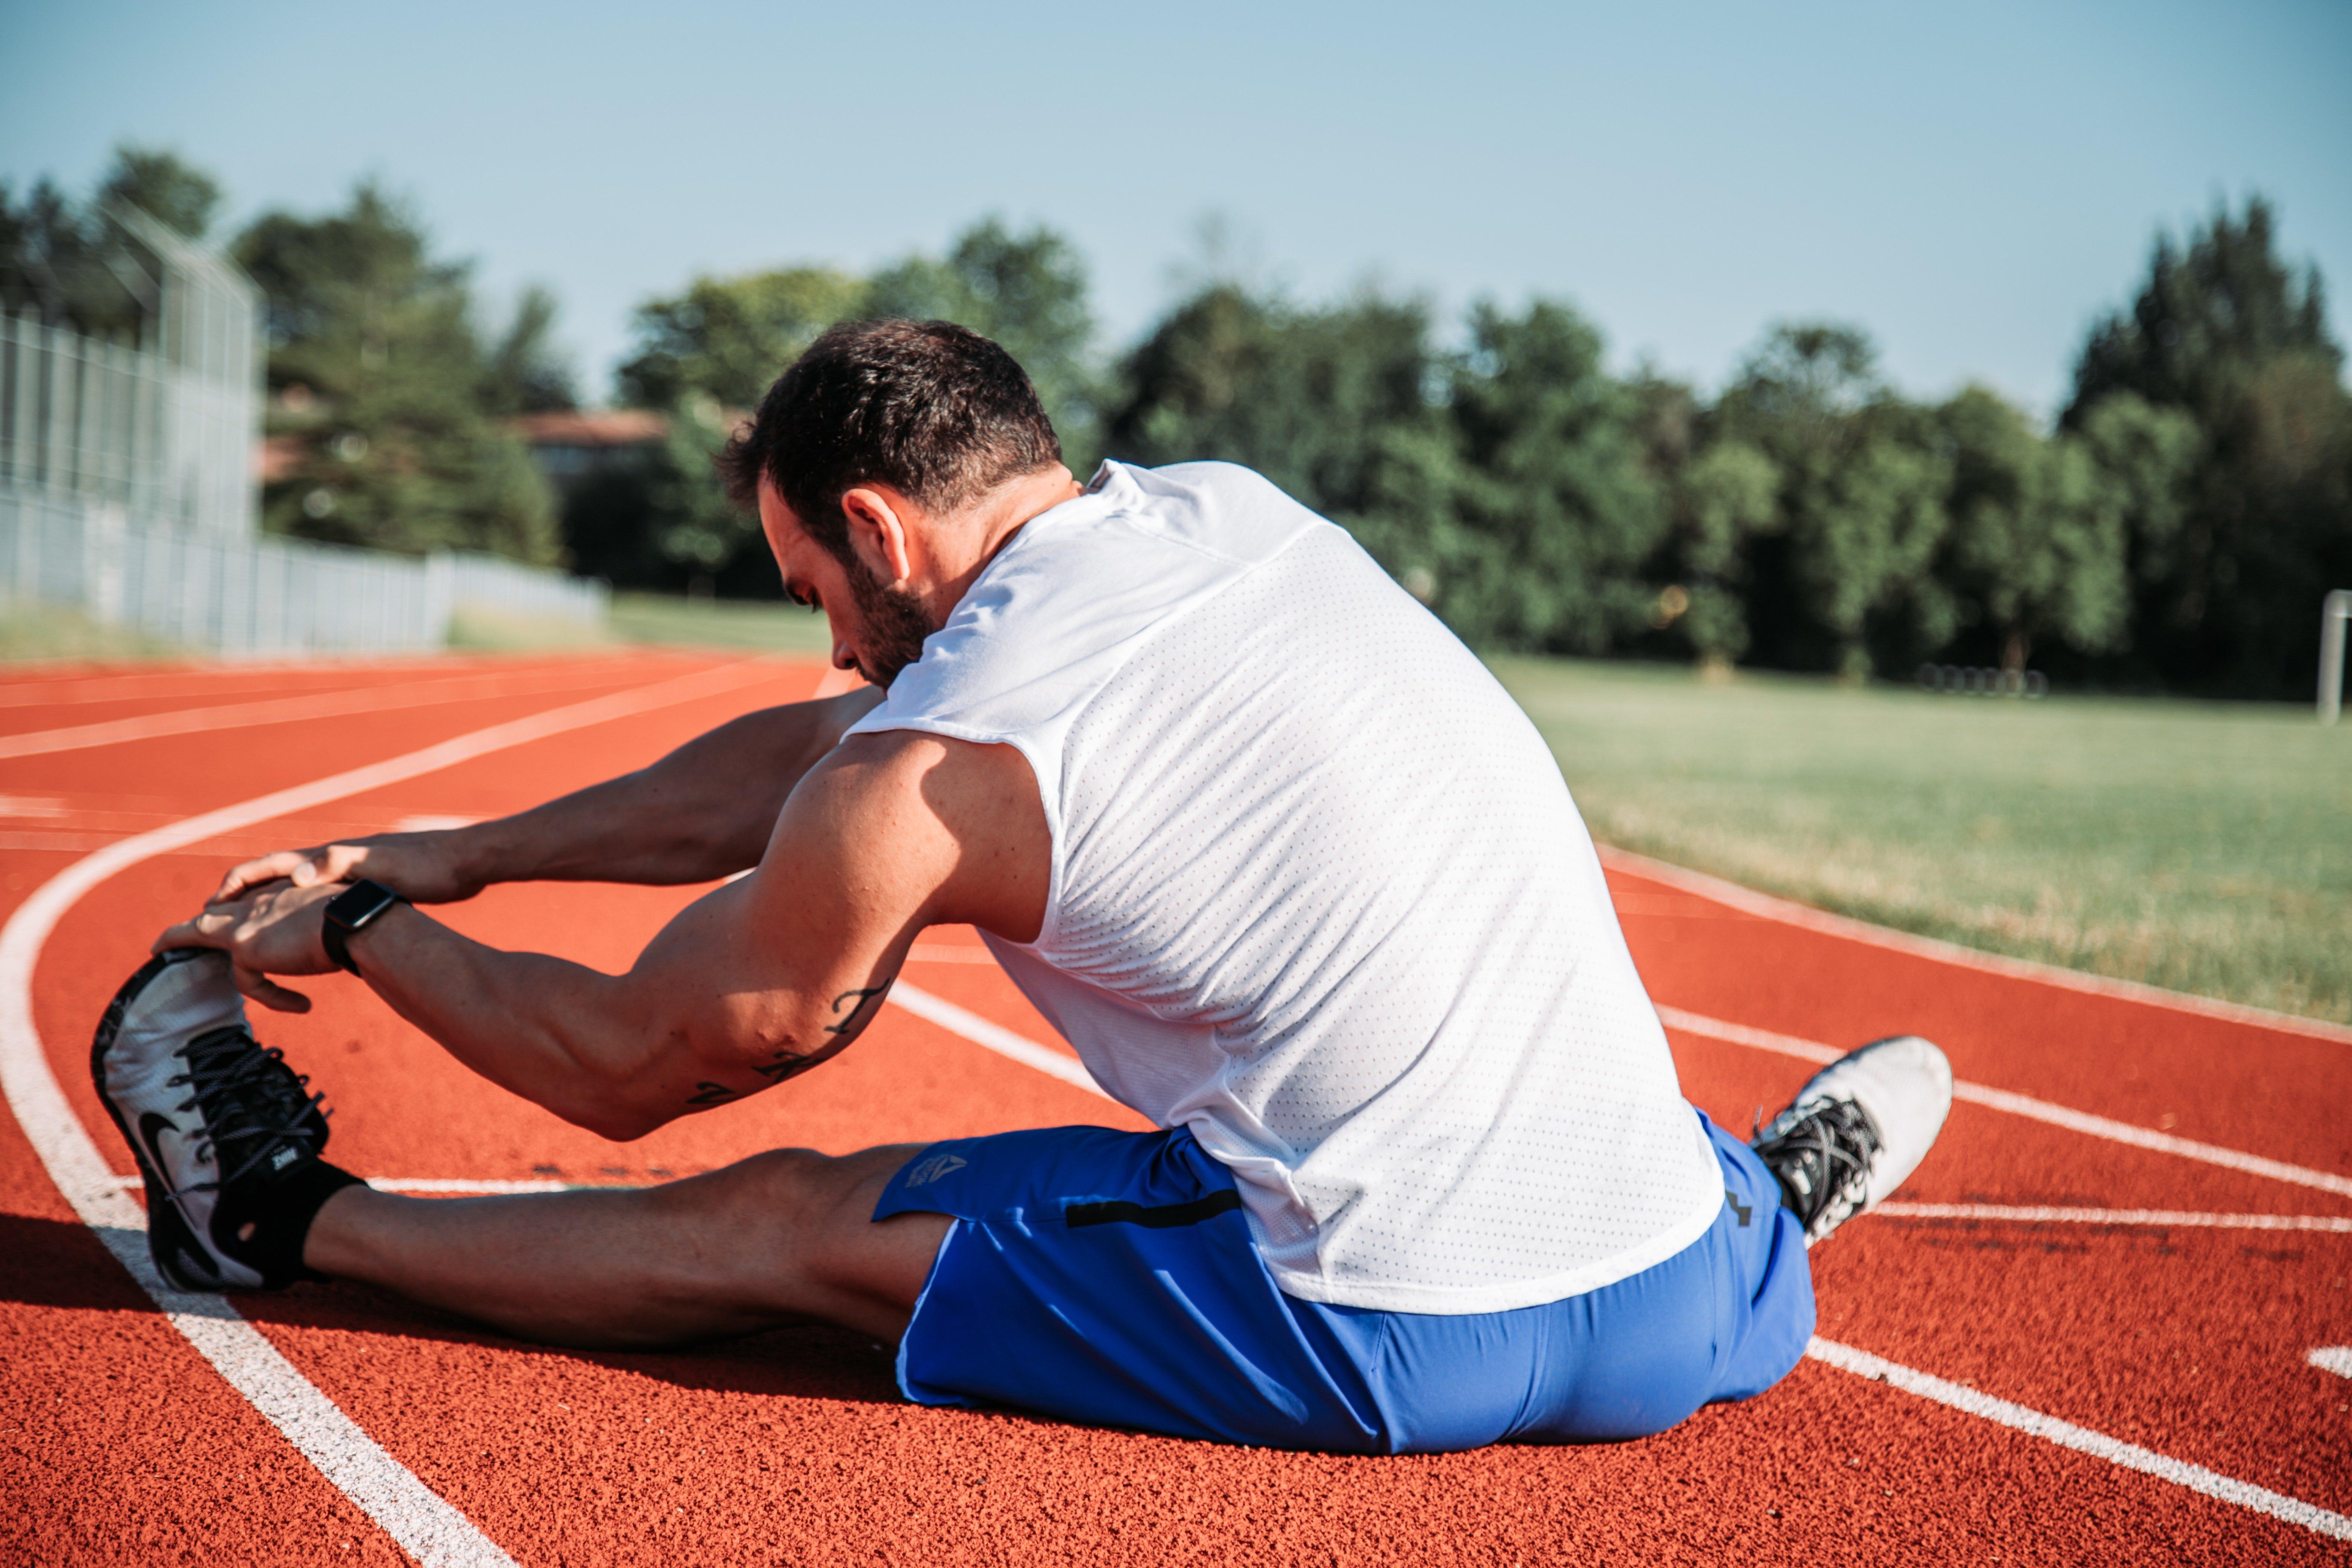 Comment s'étirer avant une séance de sport